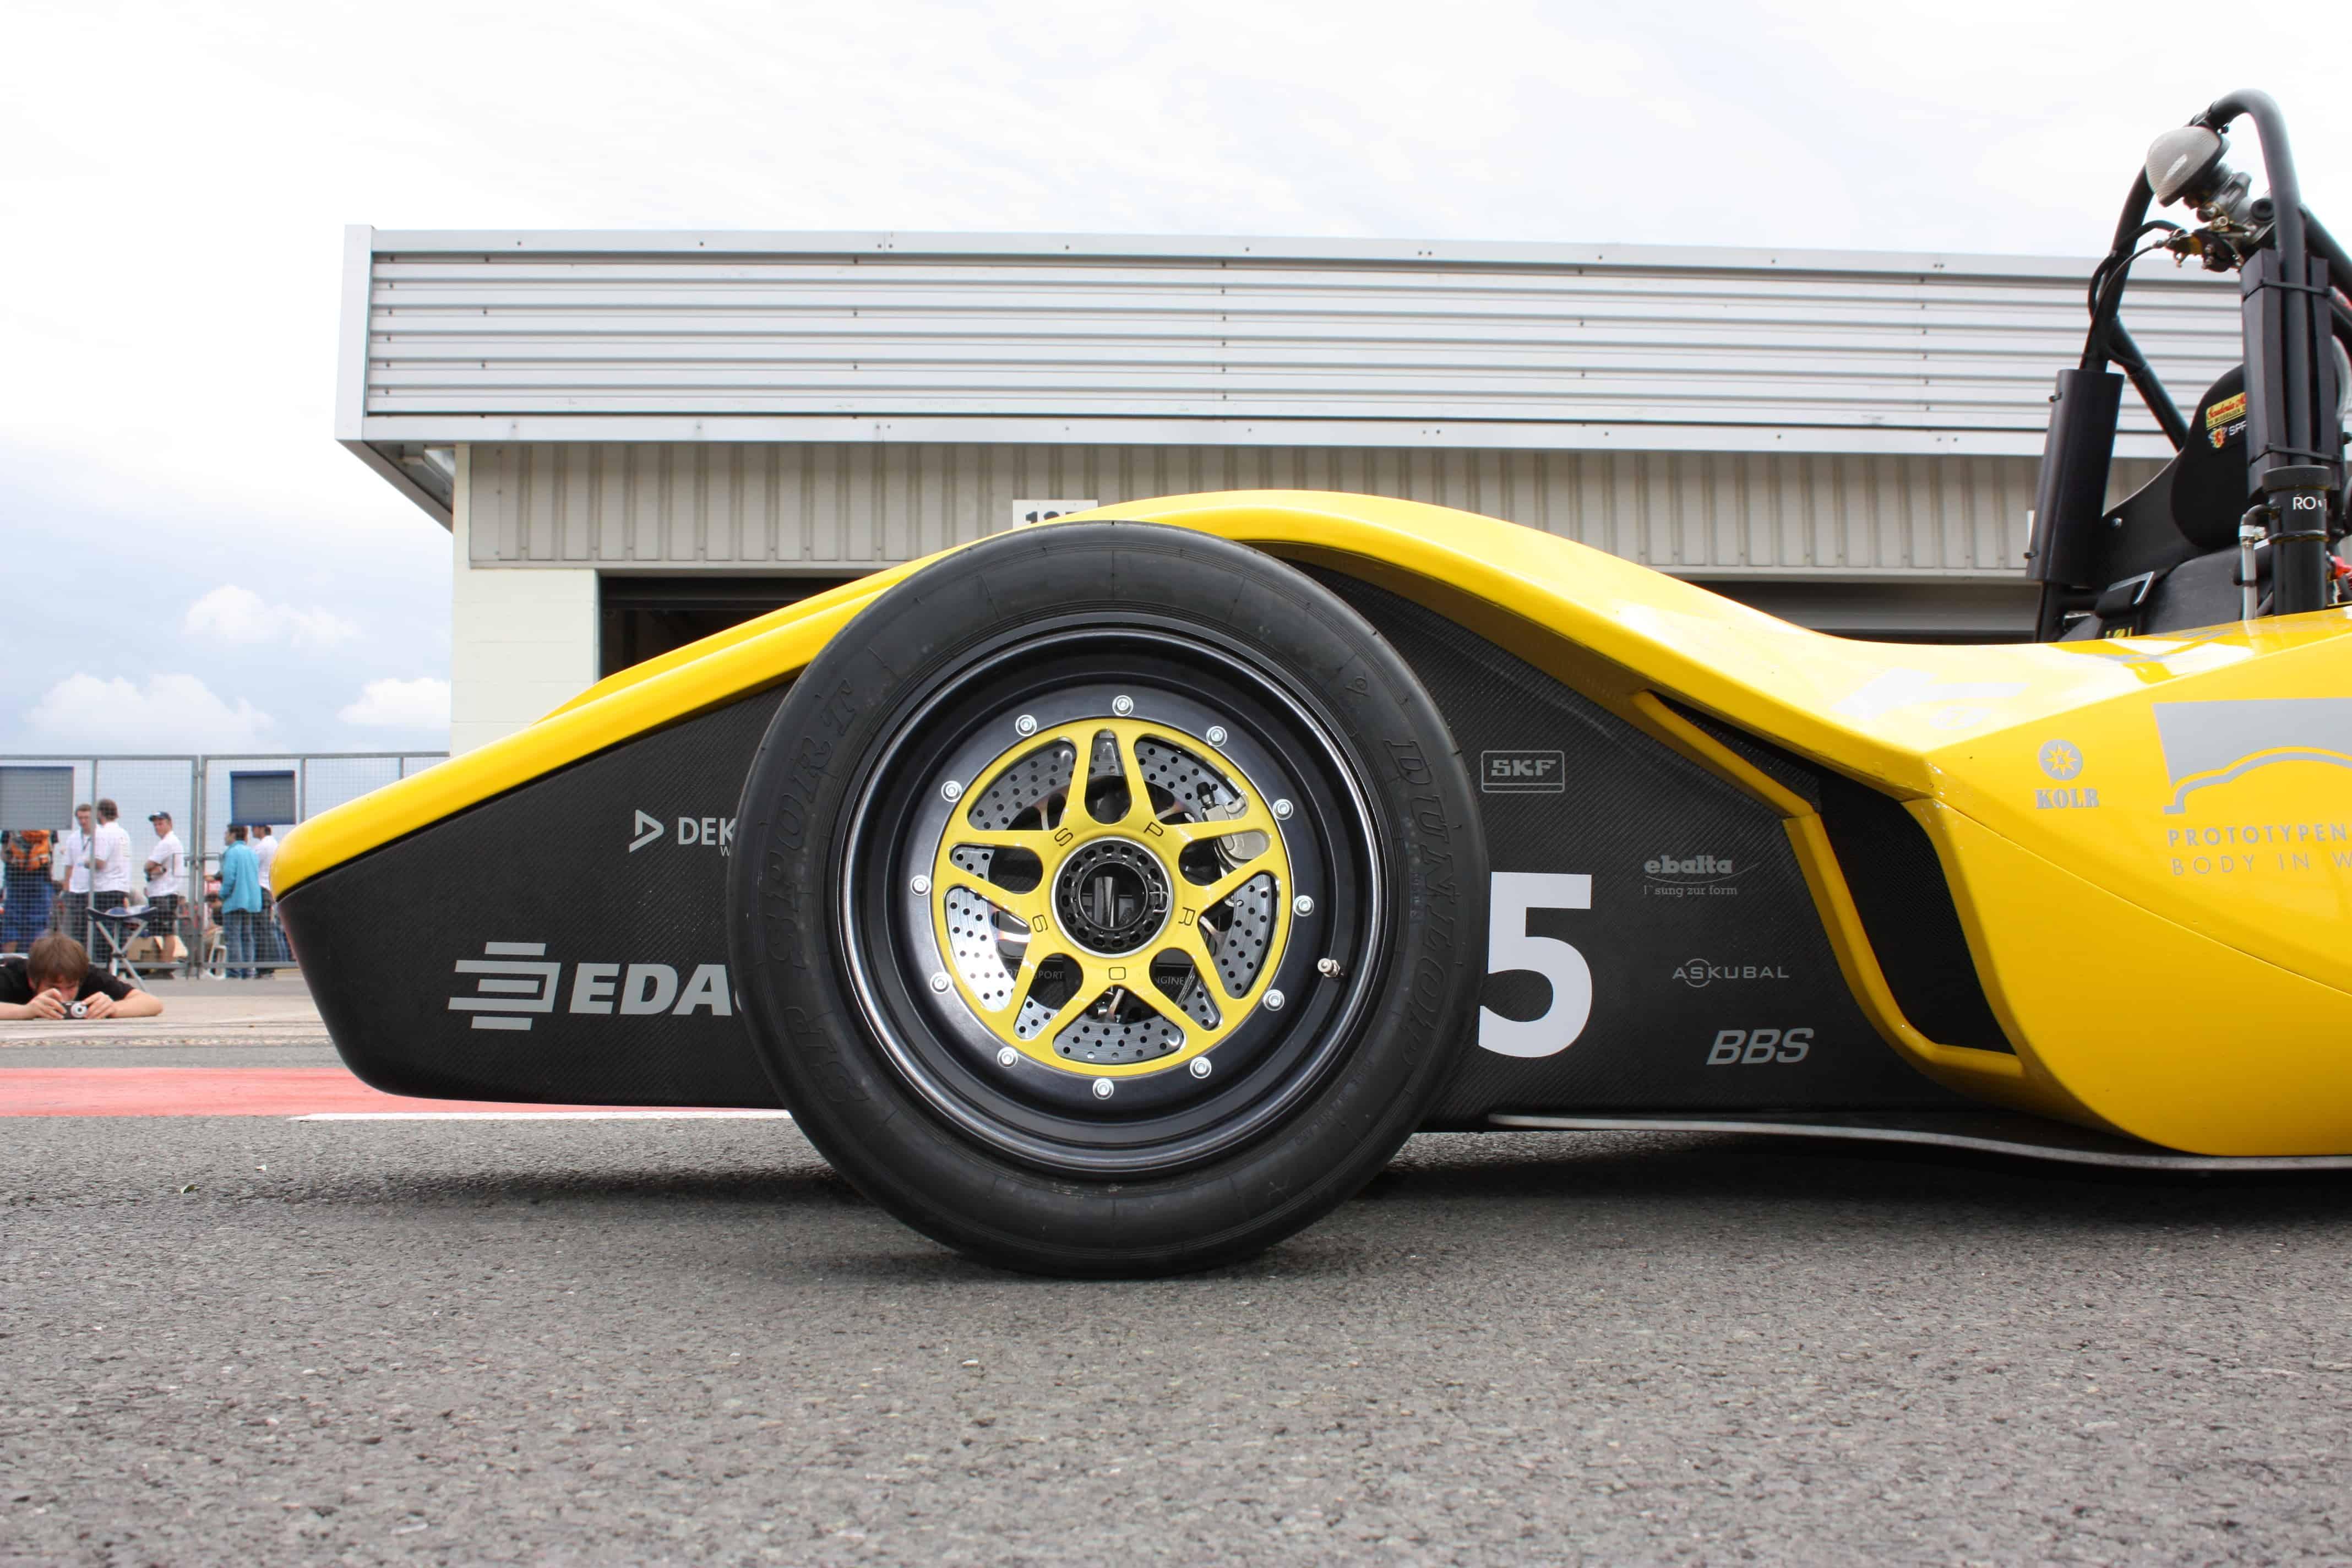 Formula-Student-SPR09-Combustion-Scuderia-Mensa